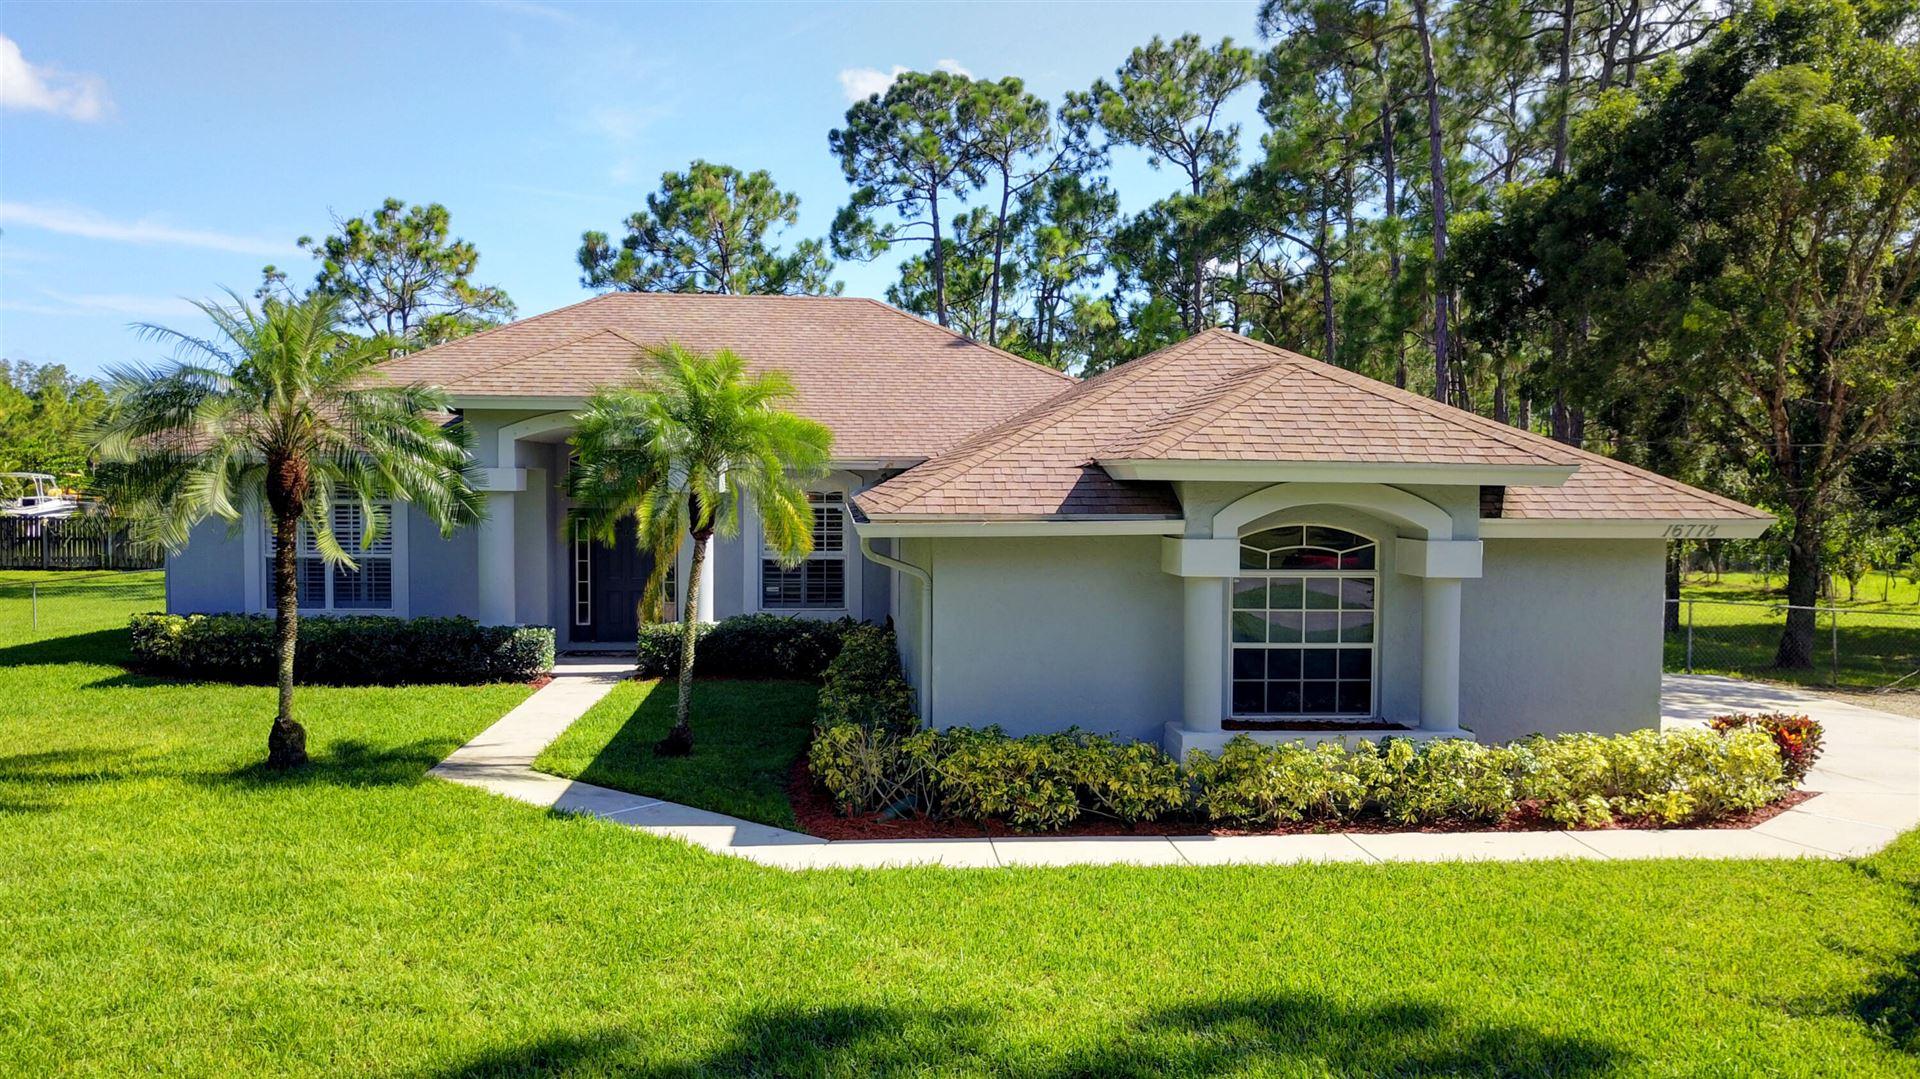 16778 Key Lime Boulevard, Loxahatchee, FL 33470 - MLS#: RX-10736787